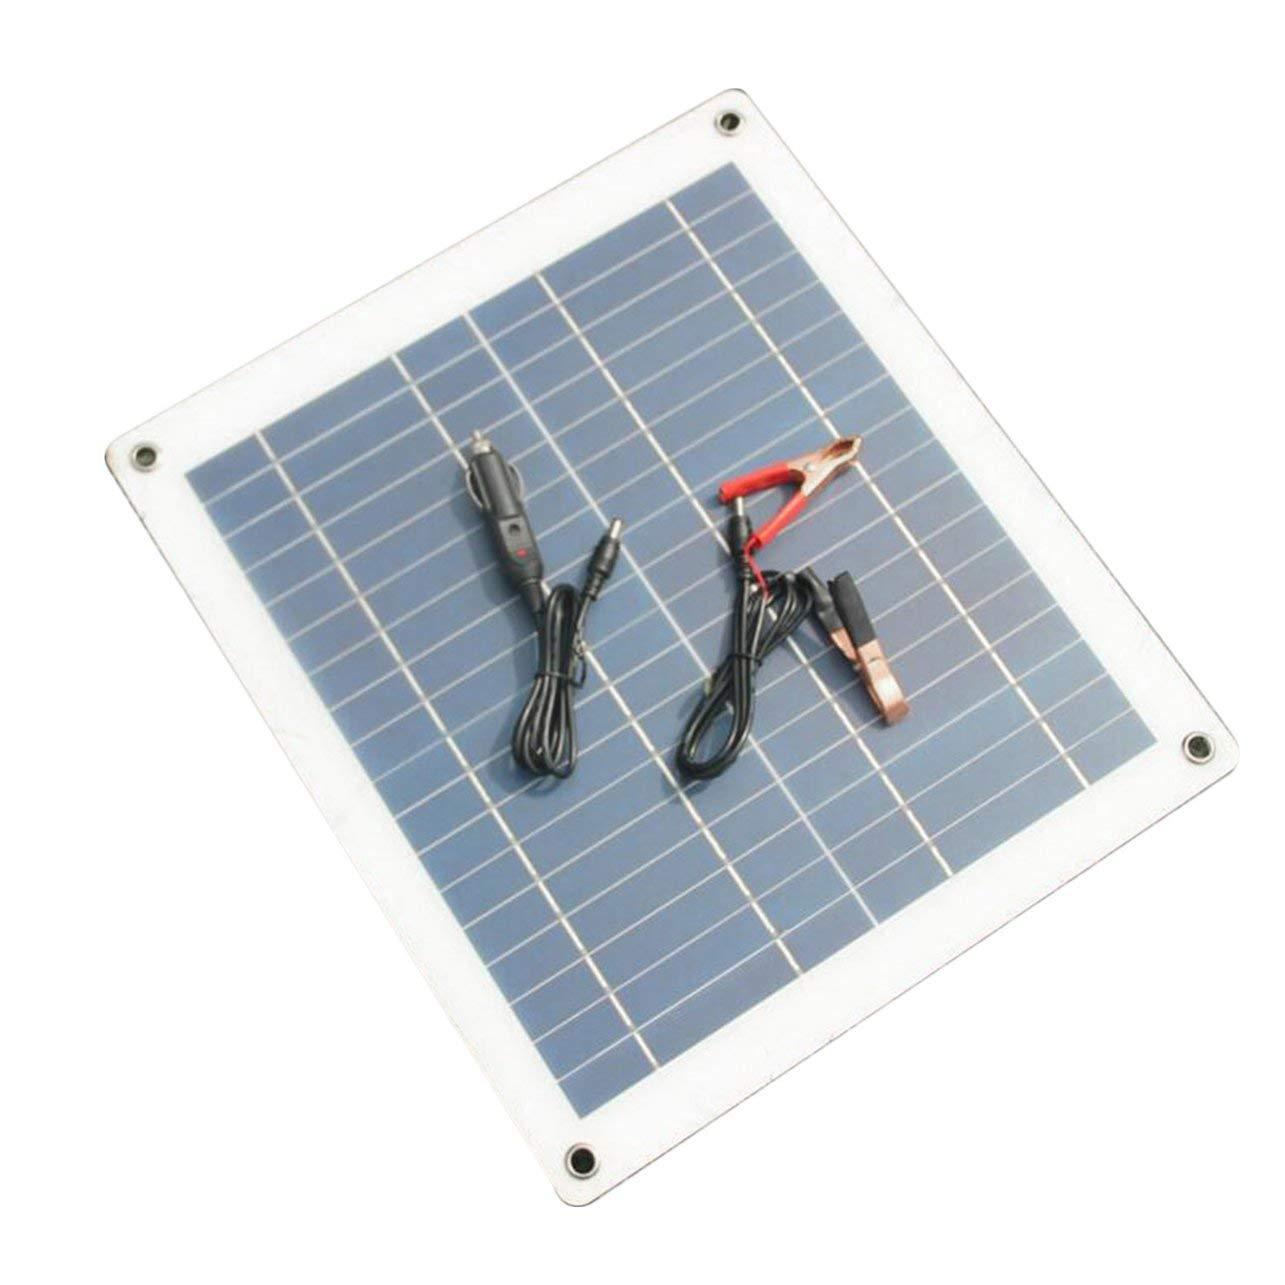 WOSOSYEYO Pannello Solare Semi-Flessibile del caricabatteria del Pannello Solare 30W 18V per la Barca dell'automobile (Colore: Bianco & Nero)